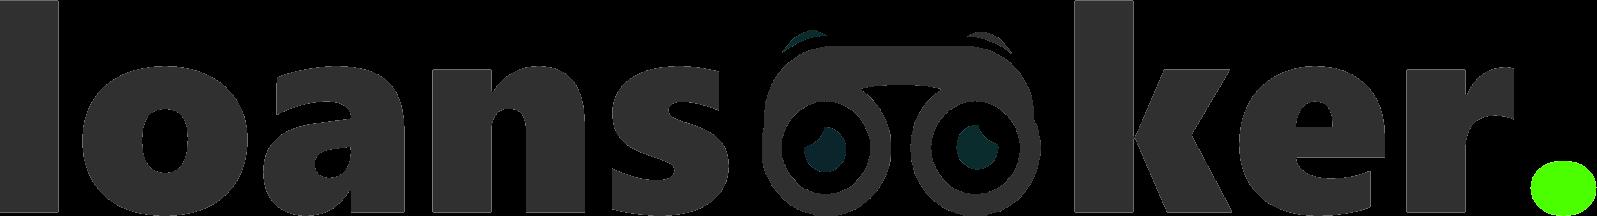 in-text-loanseeker-logo